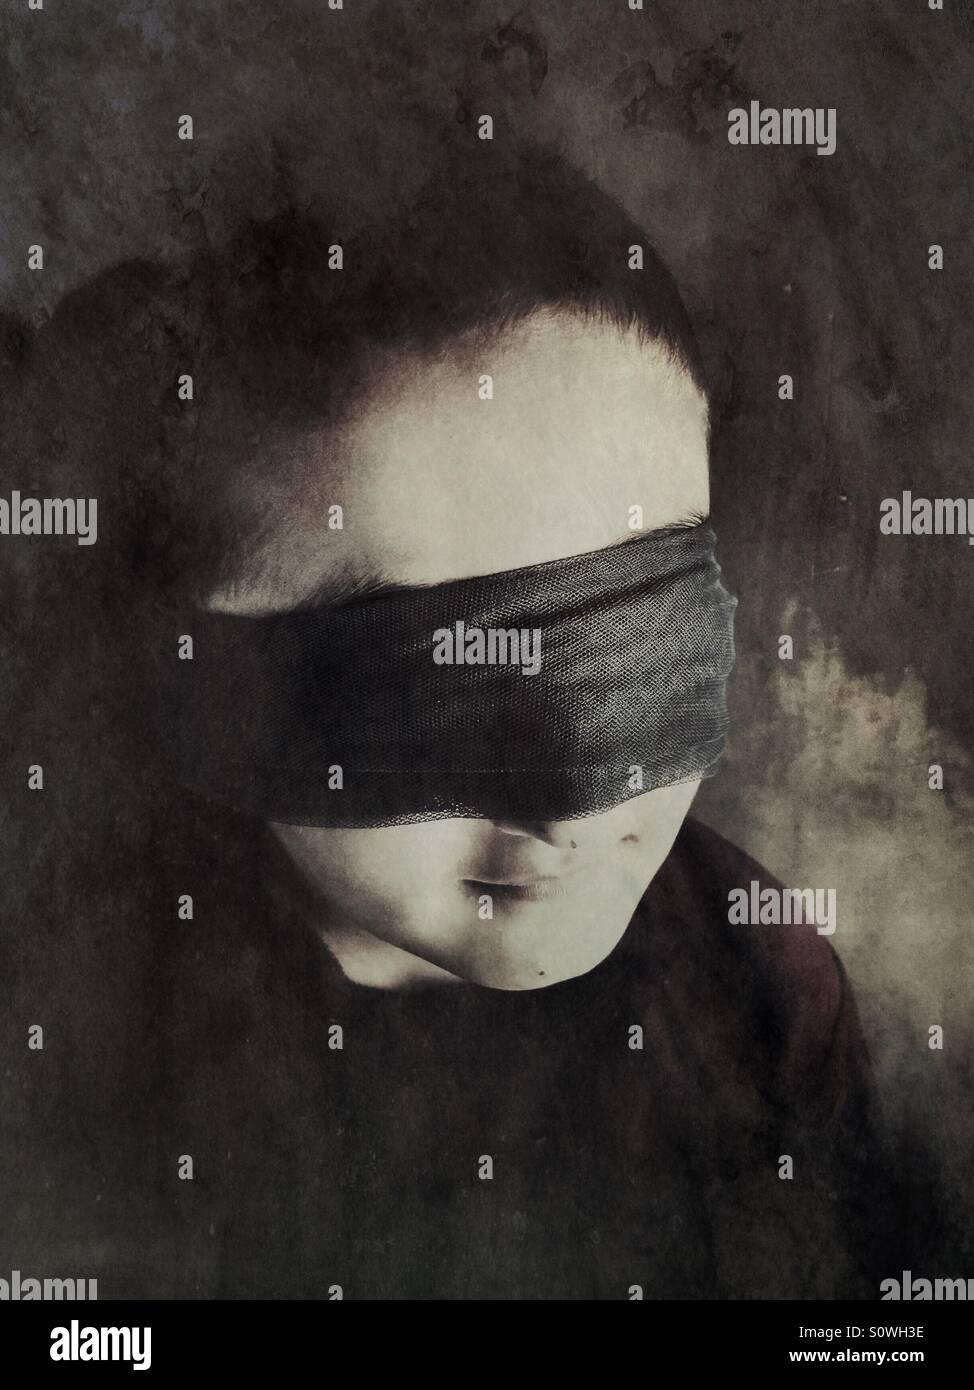 Blindfolded boy - Stock Image